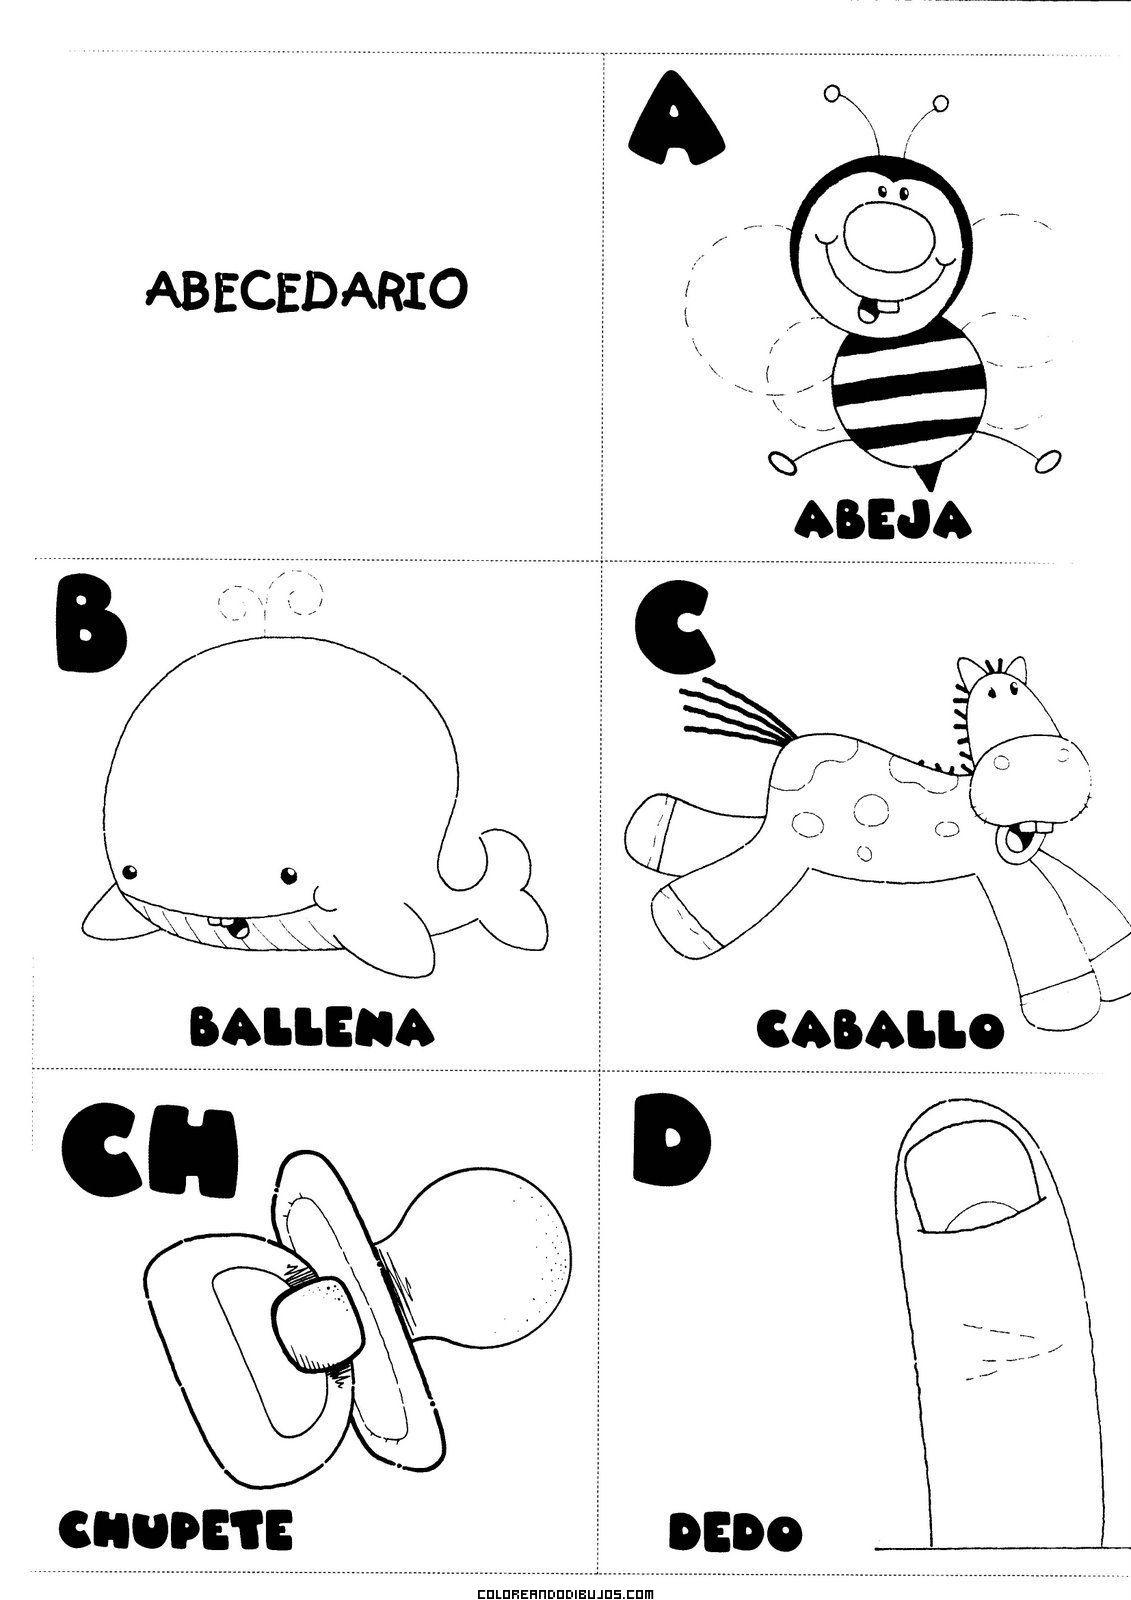 Letras A, B, C, CH, D para colorear   comunicación   Pinterest